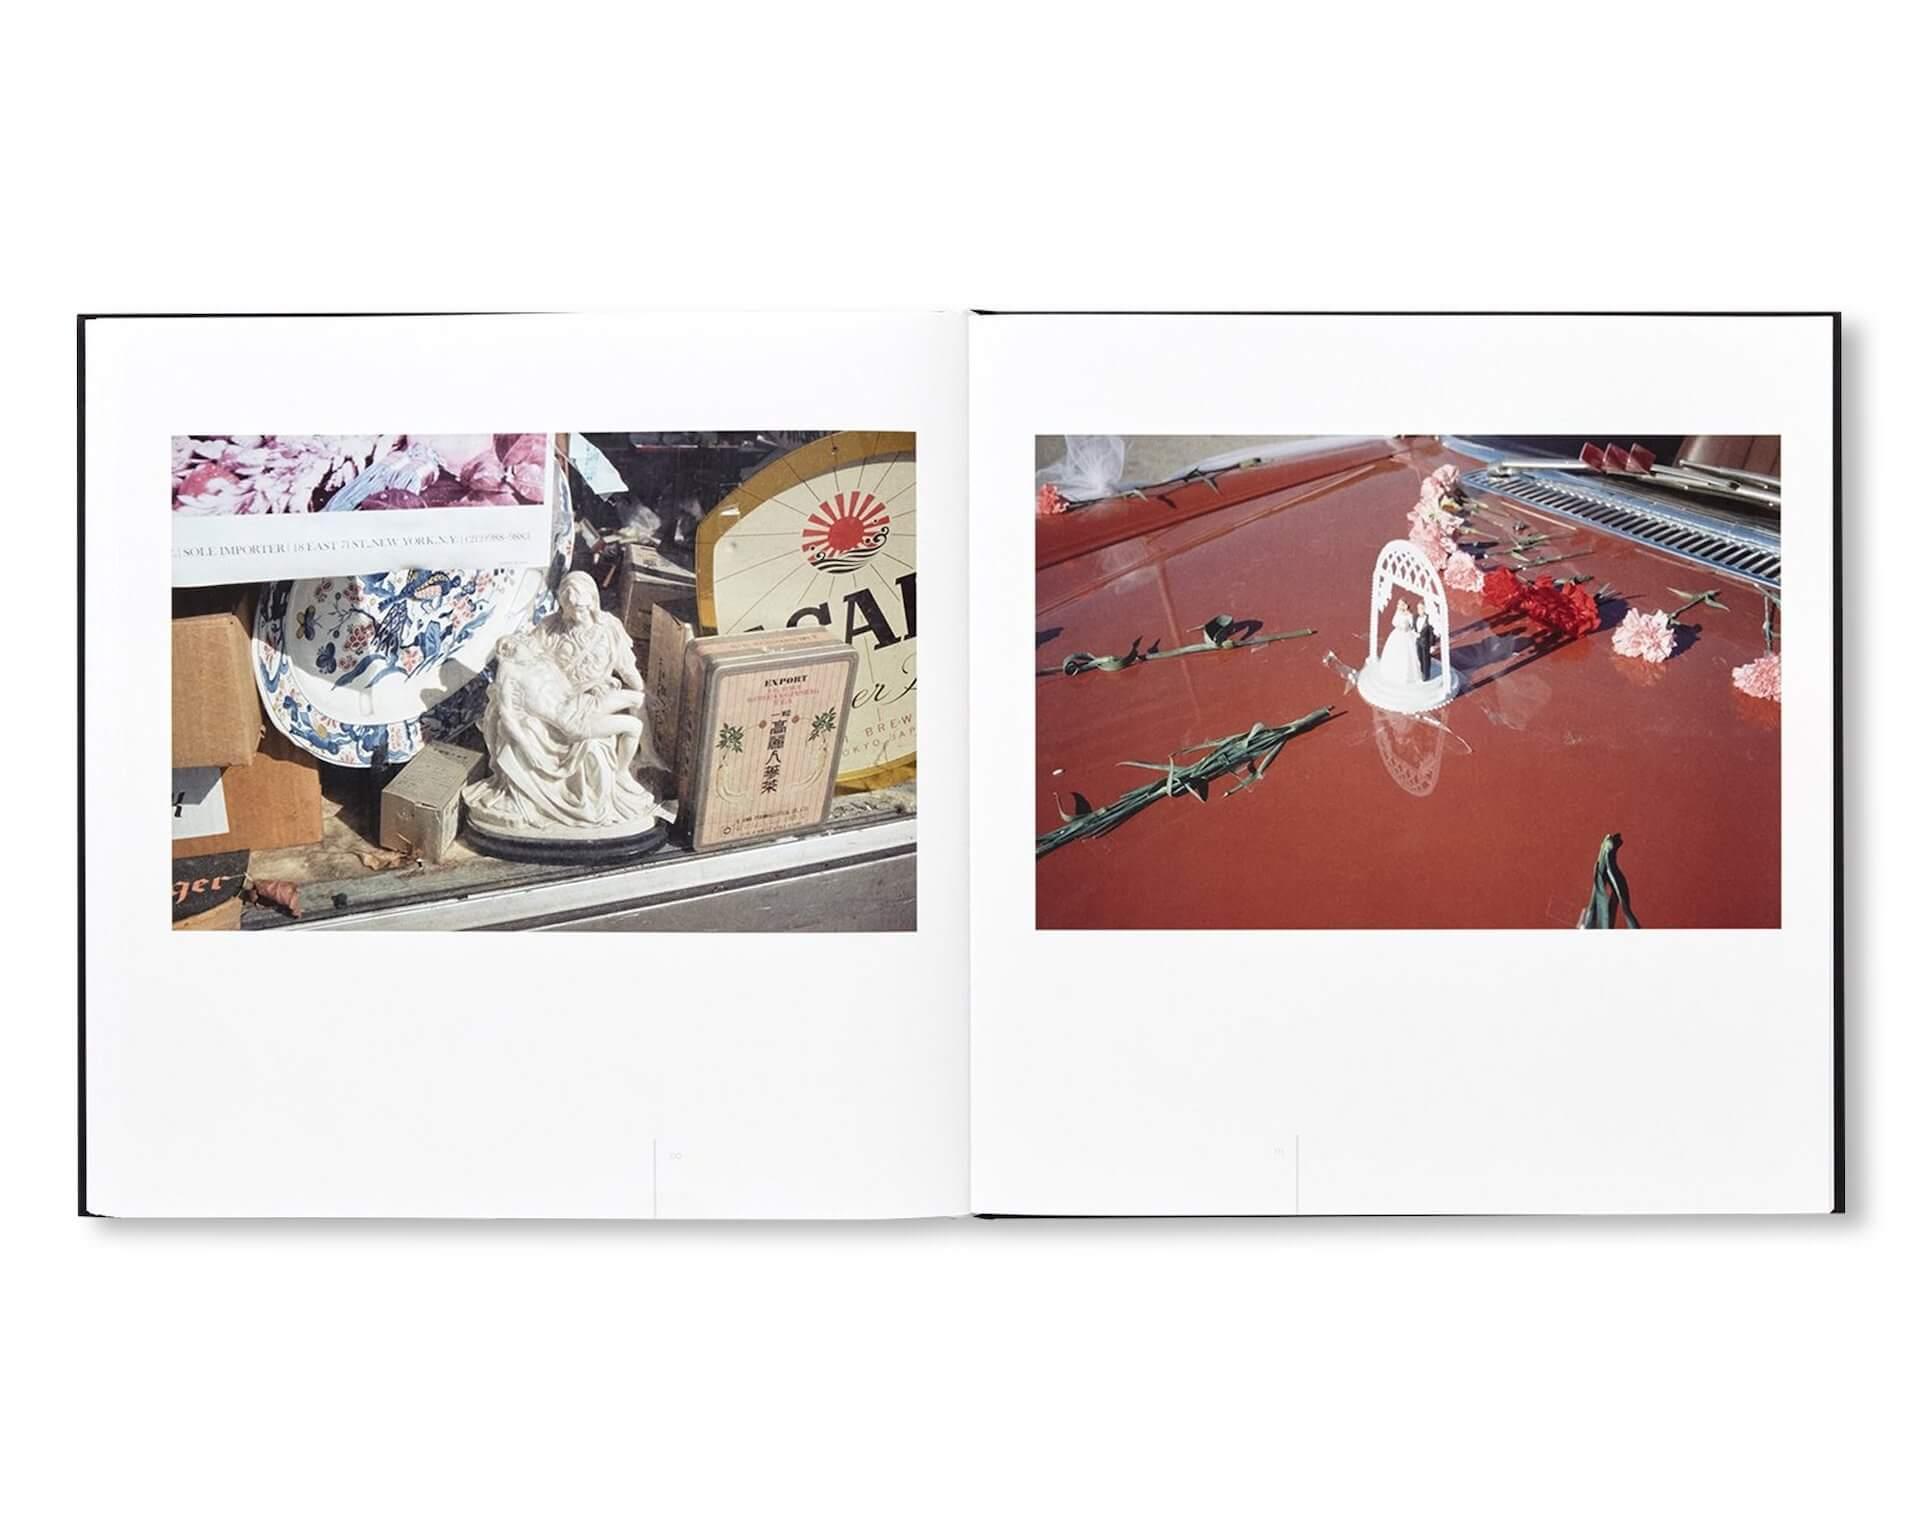 アートブックノススメ|Qetic編集部が選ぶ5冊/Roni Ahn 他 column210916_artbook-017